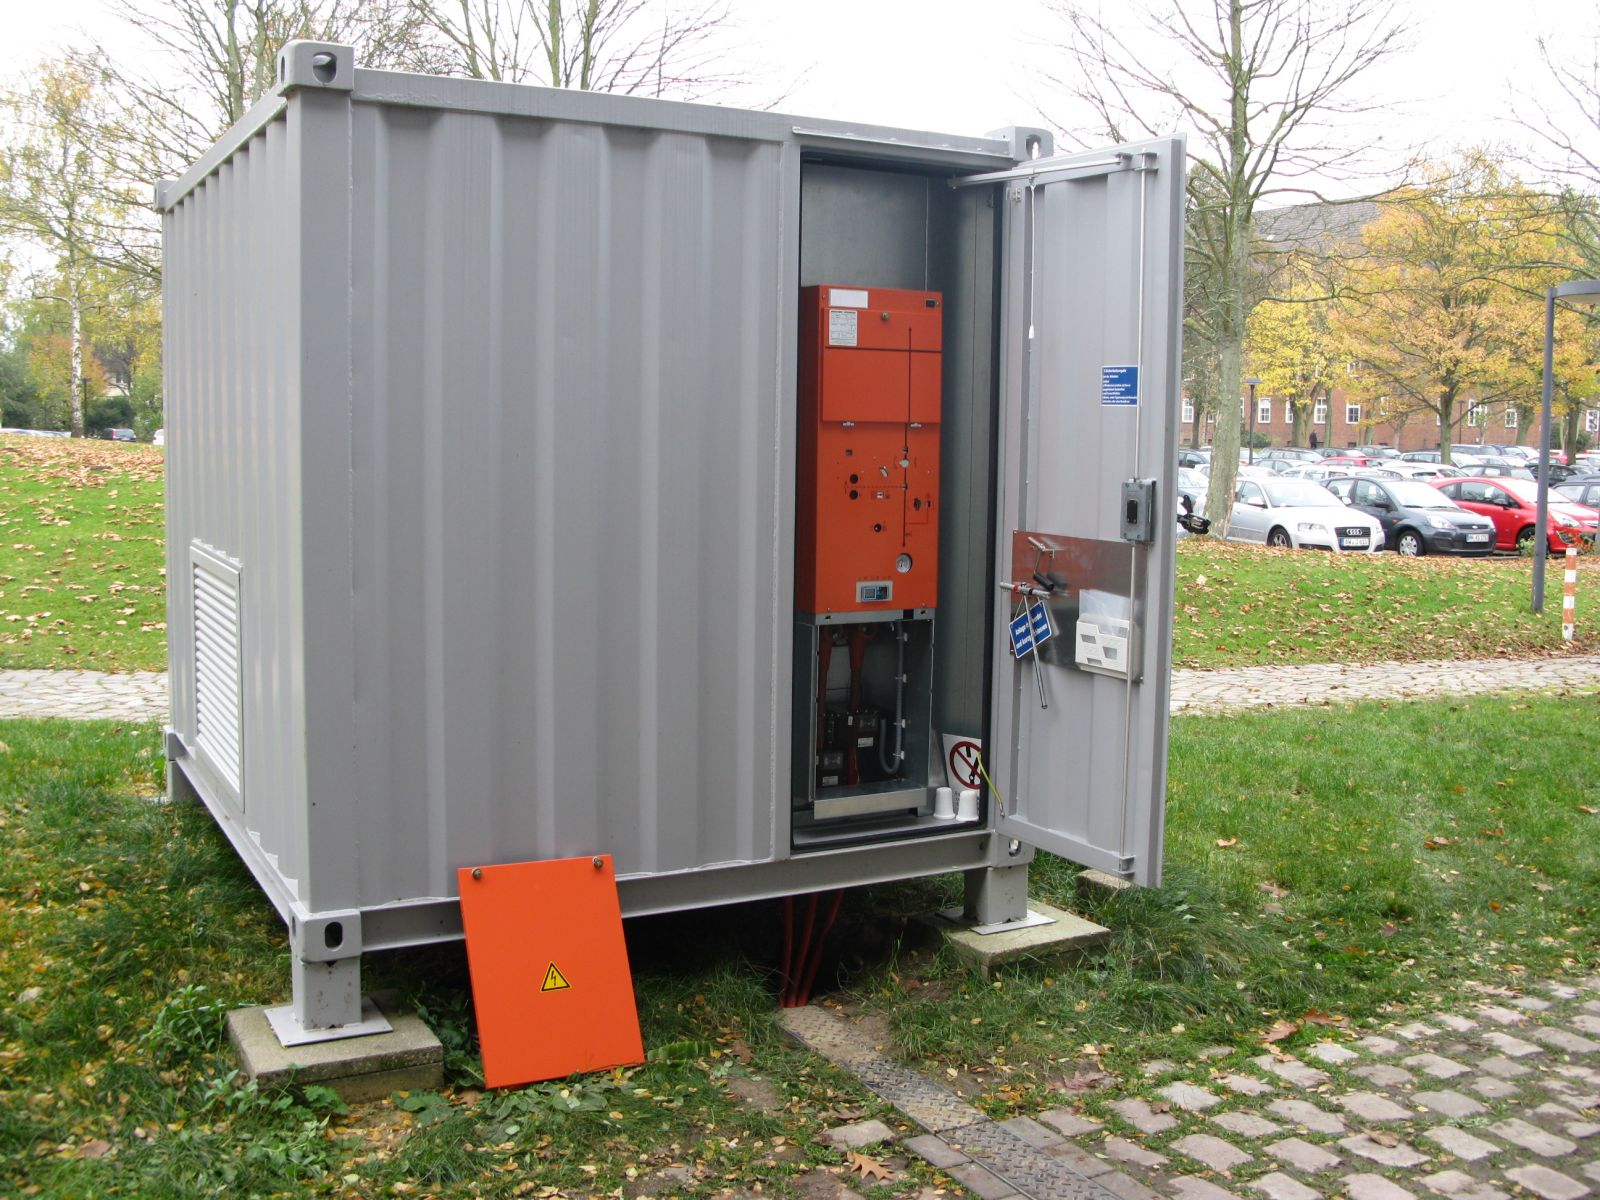 Bereits erfolgreich entwickelt: Container mit mobilem Messgerät für die Impedanzmessung in Mittelspannungsnetzen.